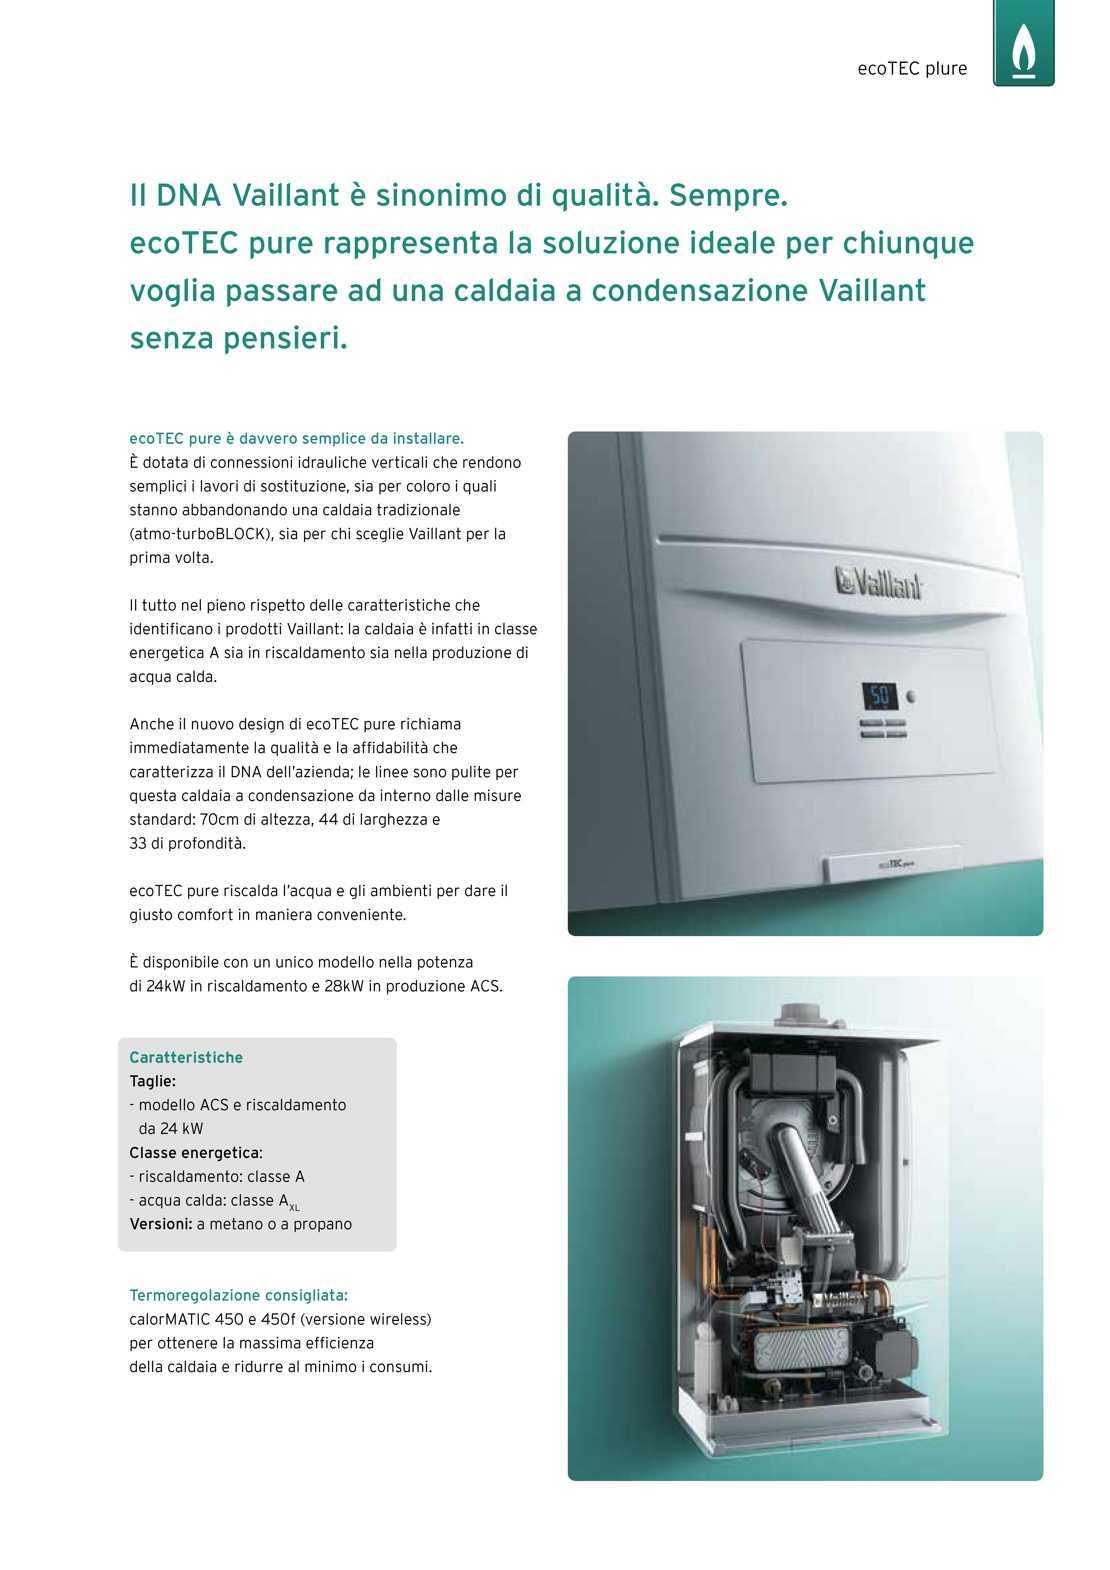 Vaillant Caldaia ecoTEC pure VMW246